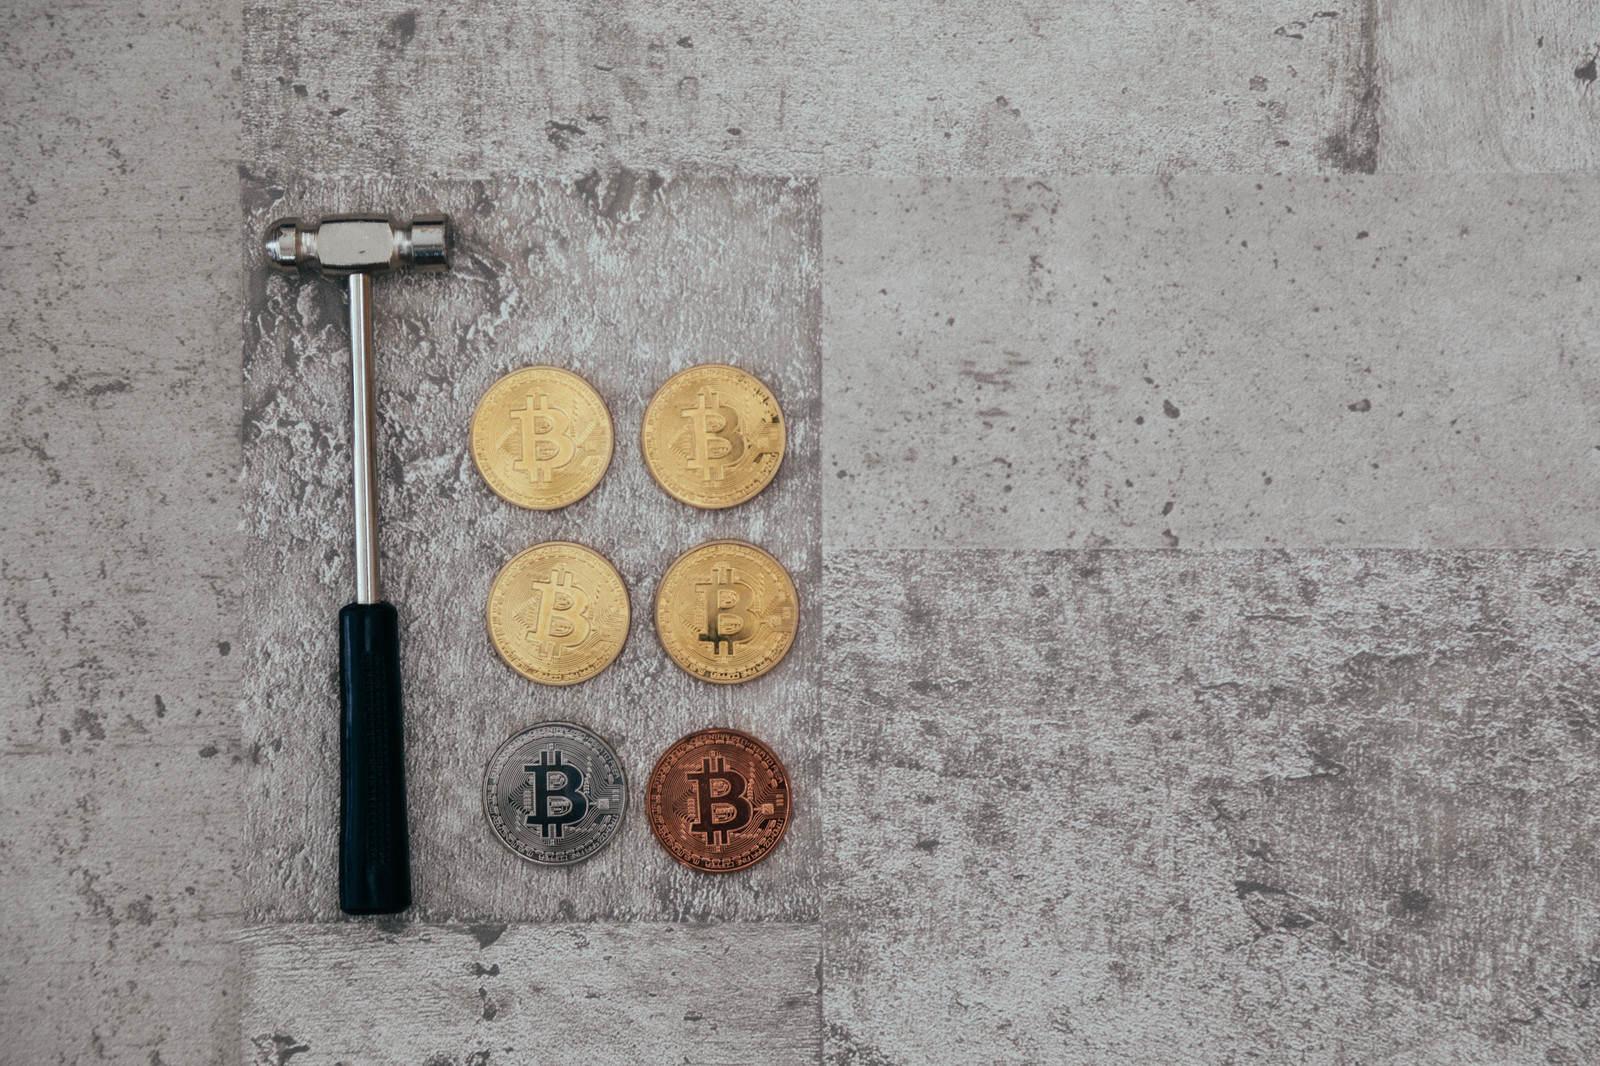 「ハンマーと採掘したビットコインハンマーと採掘したビットコイン」のフリー写真素材を拡大